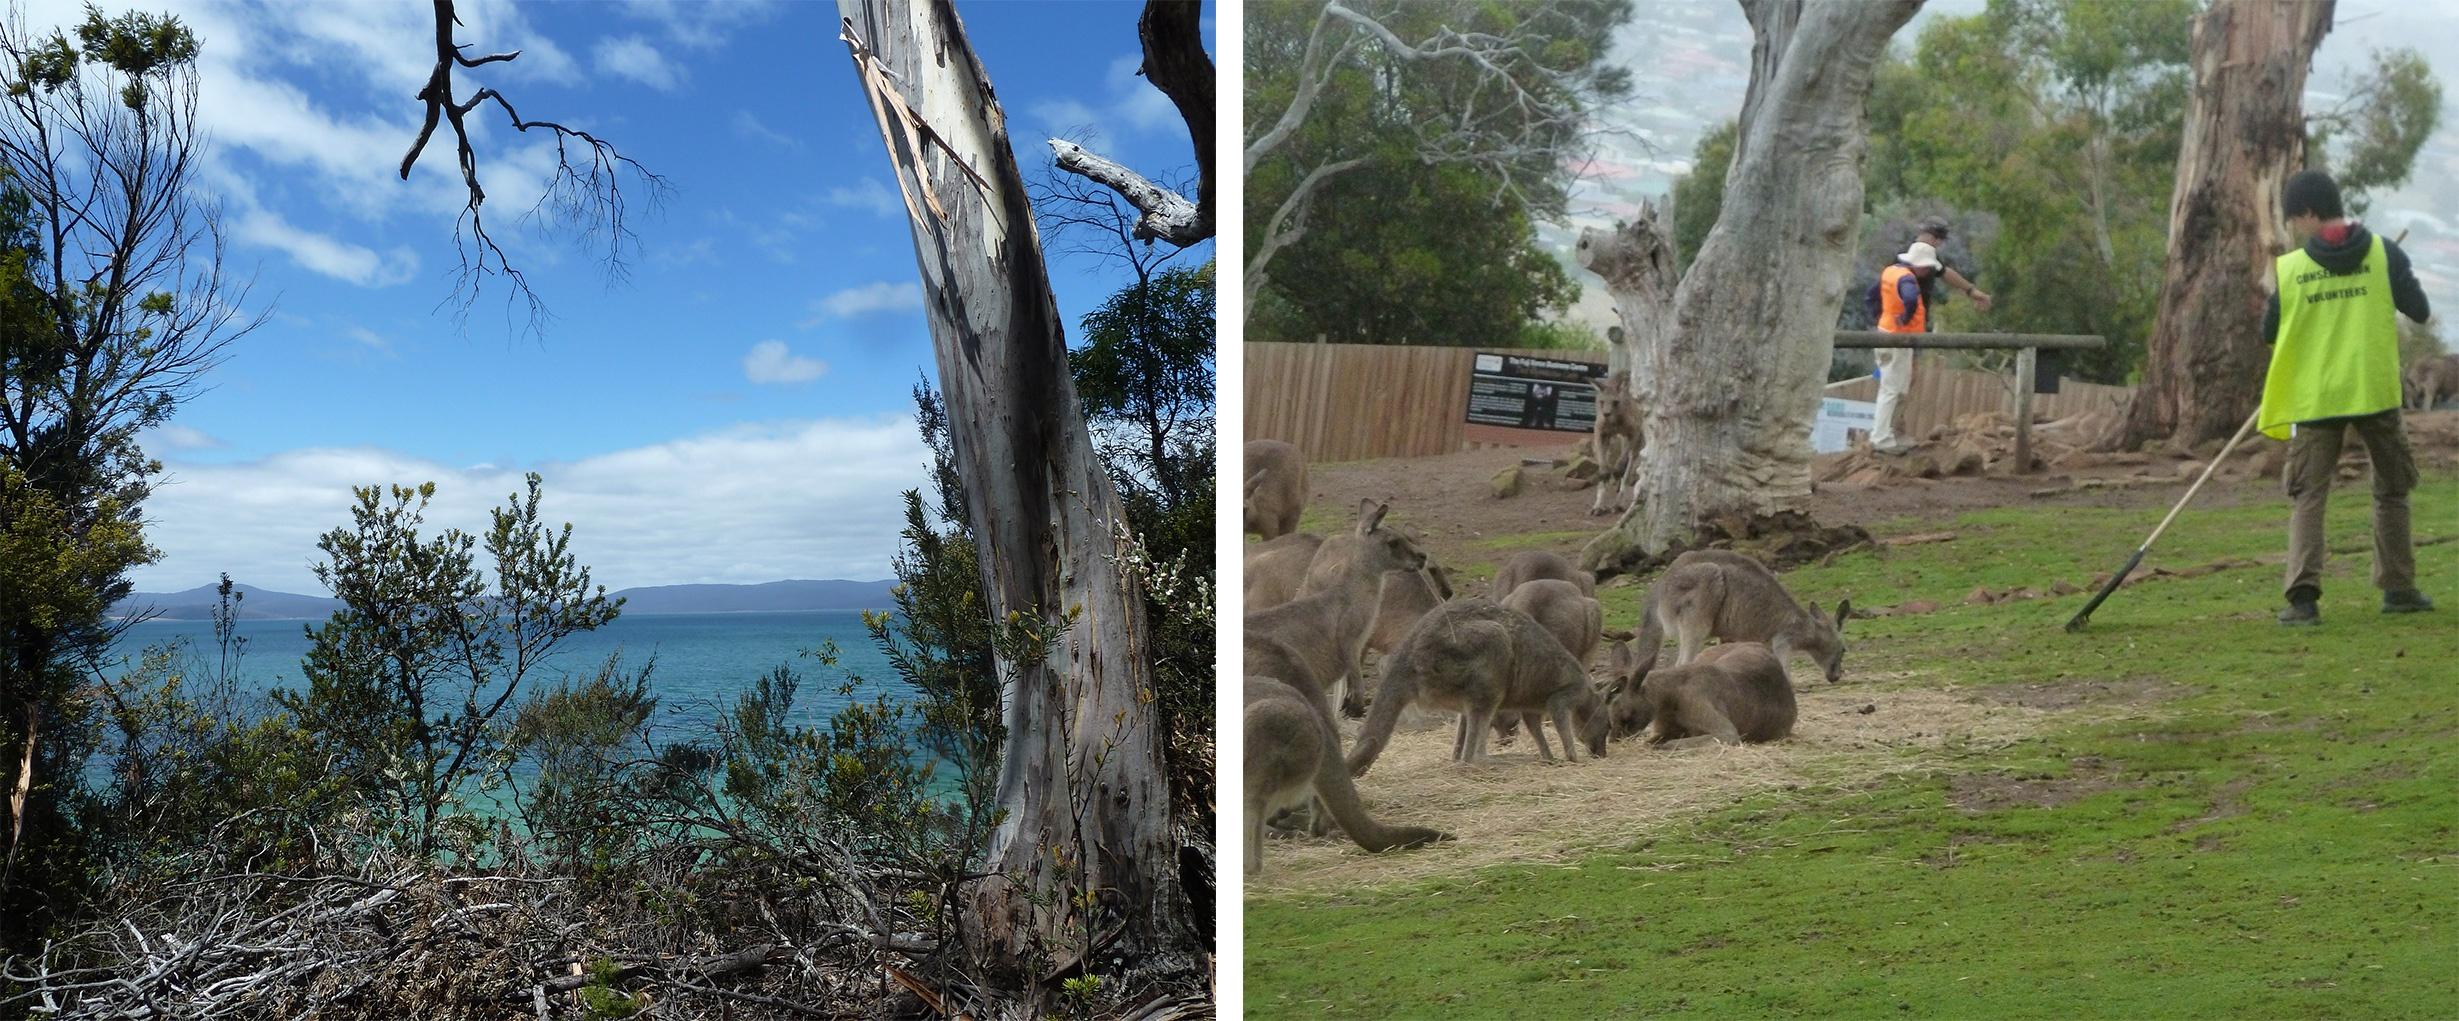 Freiwilligeneinsatz in Hobart, Tasmanien - Teil 1